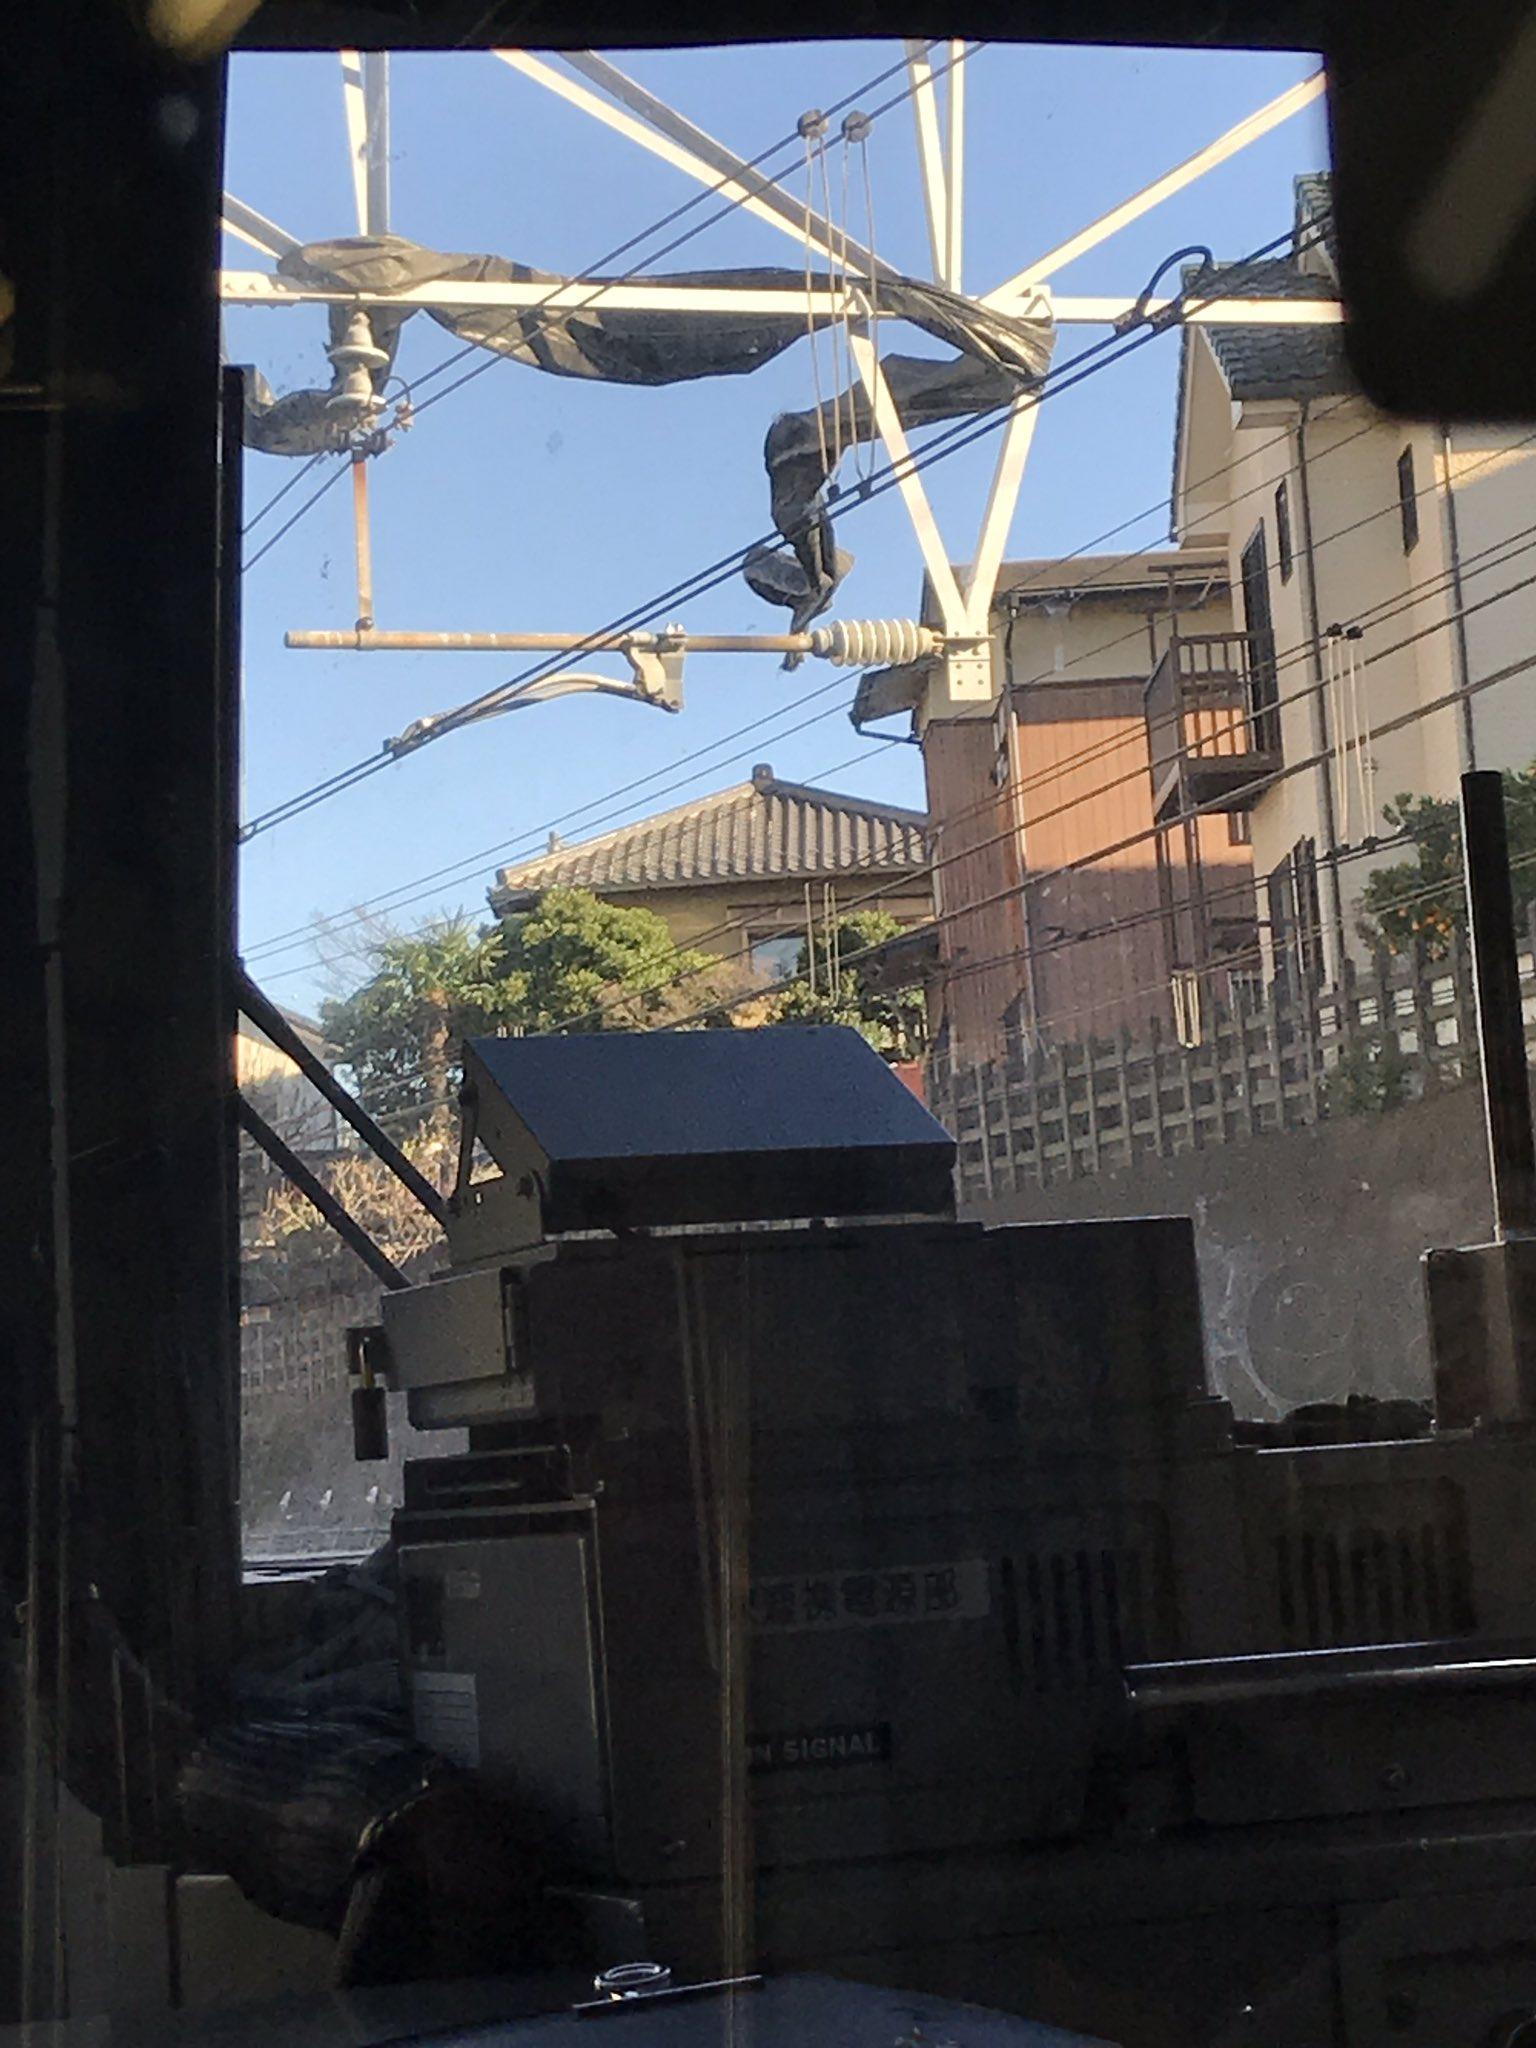 総武線の東船橋駅付近で架線にビニールが絡まっている画像